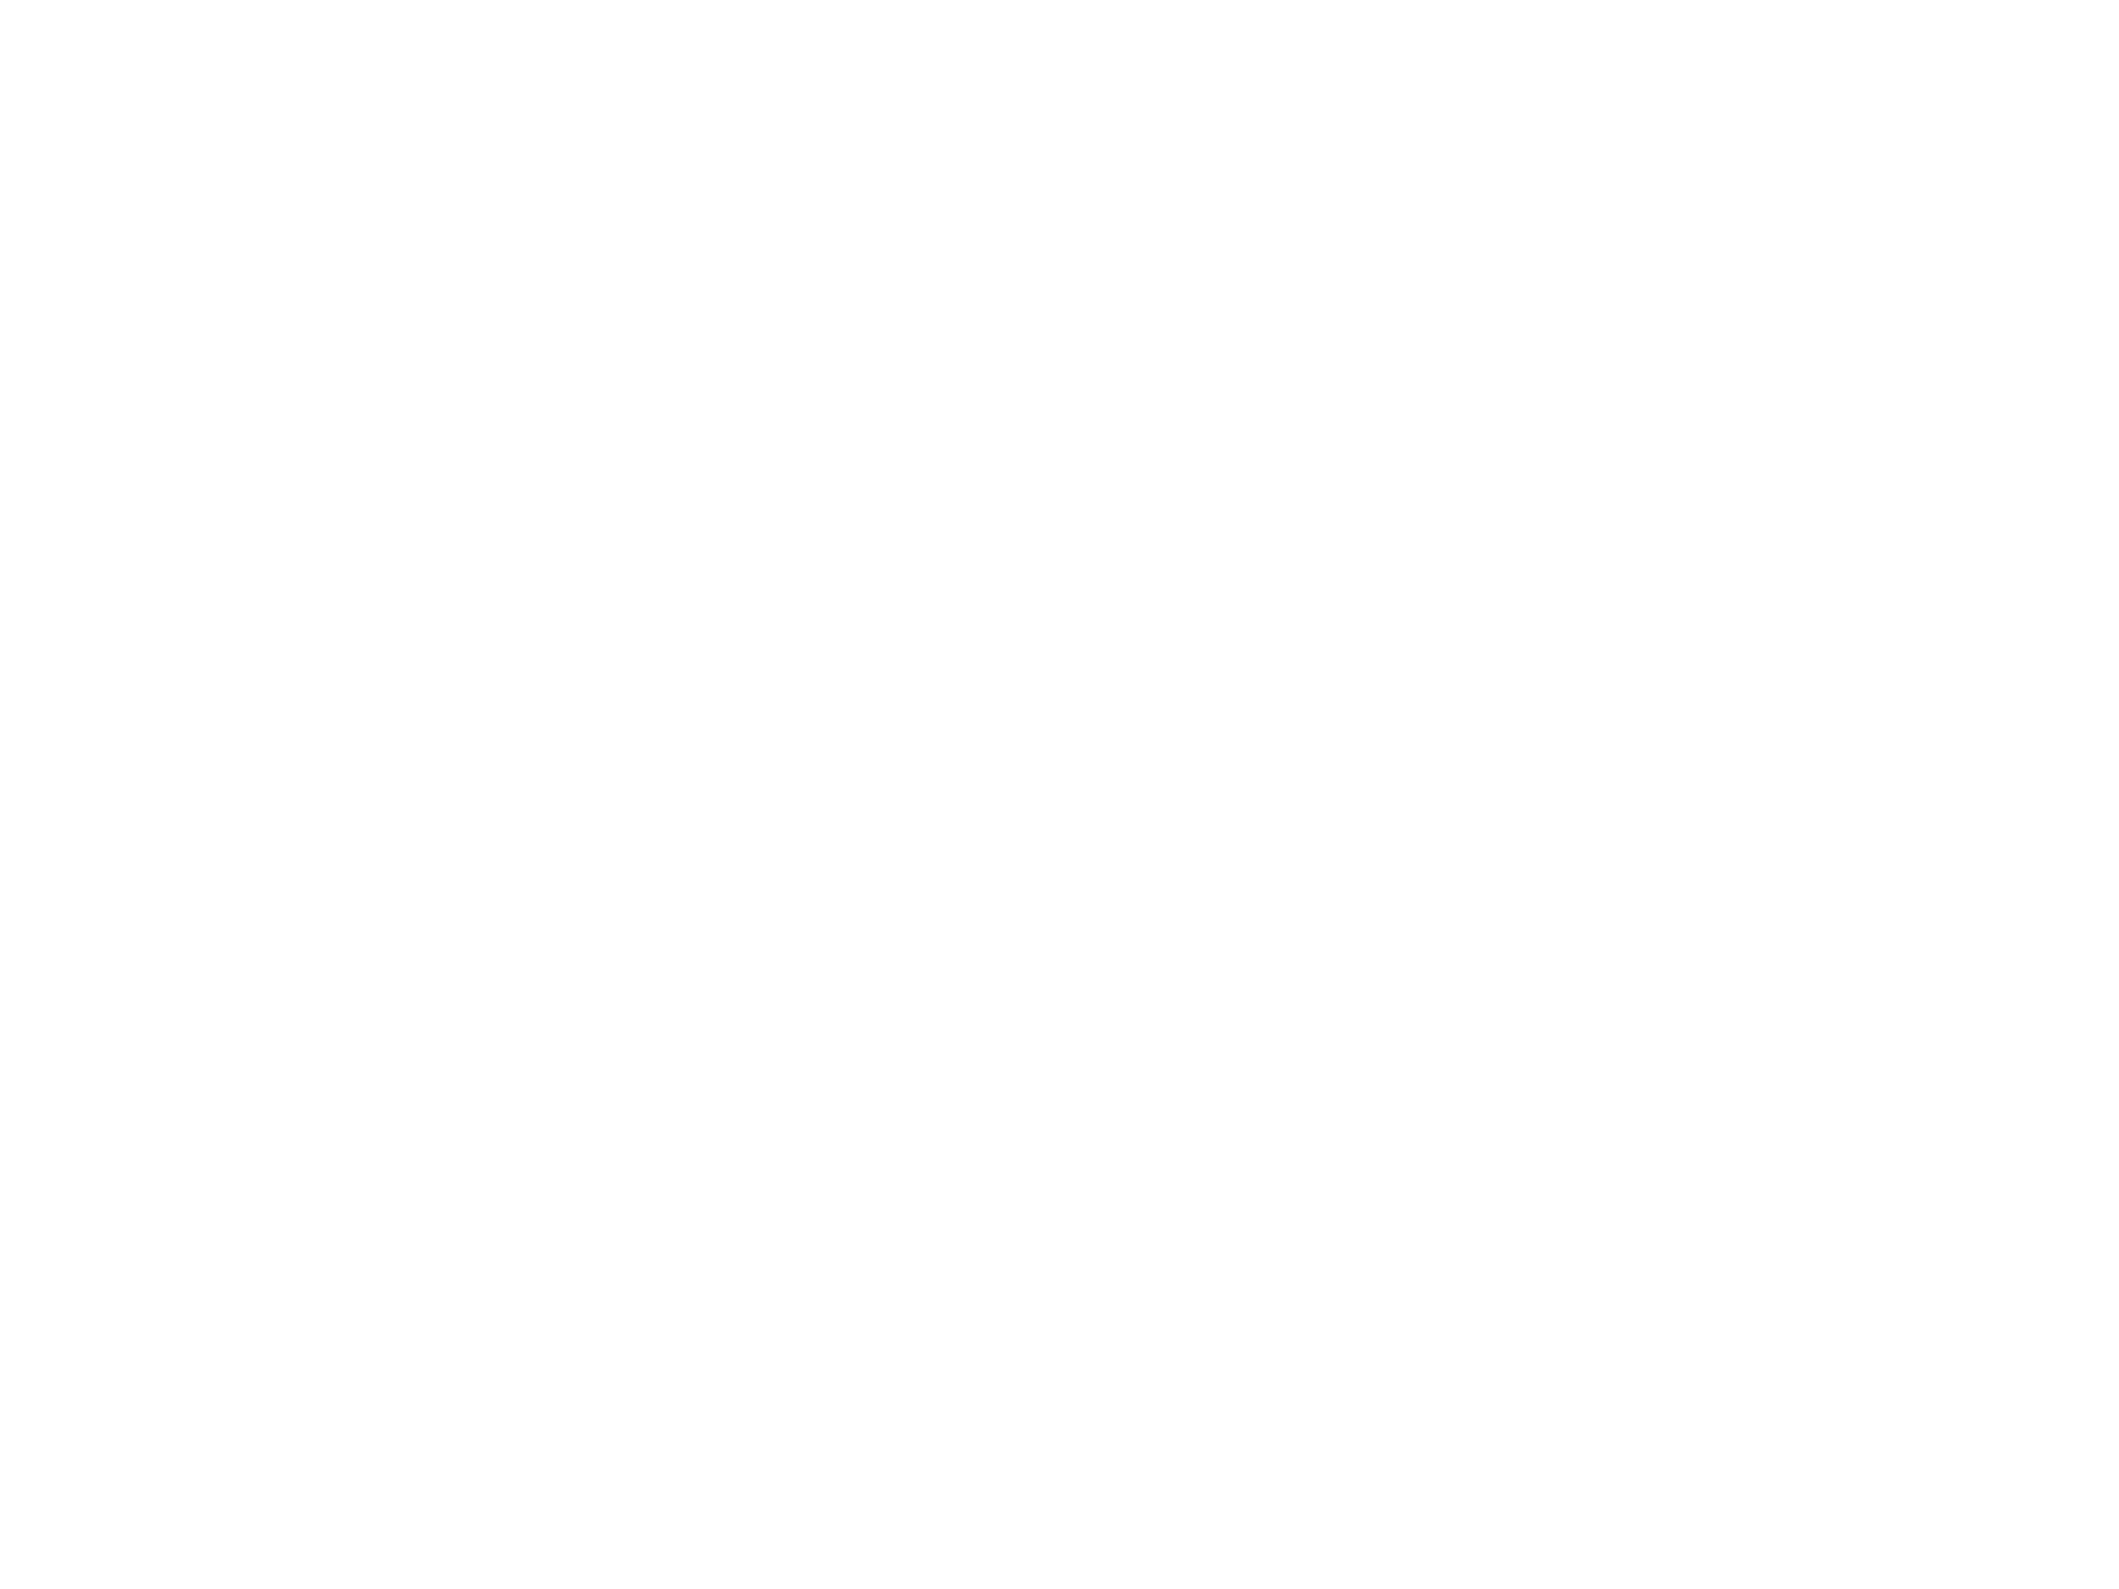 Icon-Wohnwagen-Startseite-Fliesshorn-Konstanz